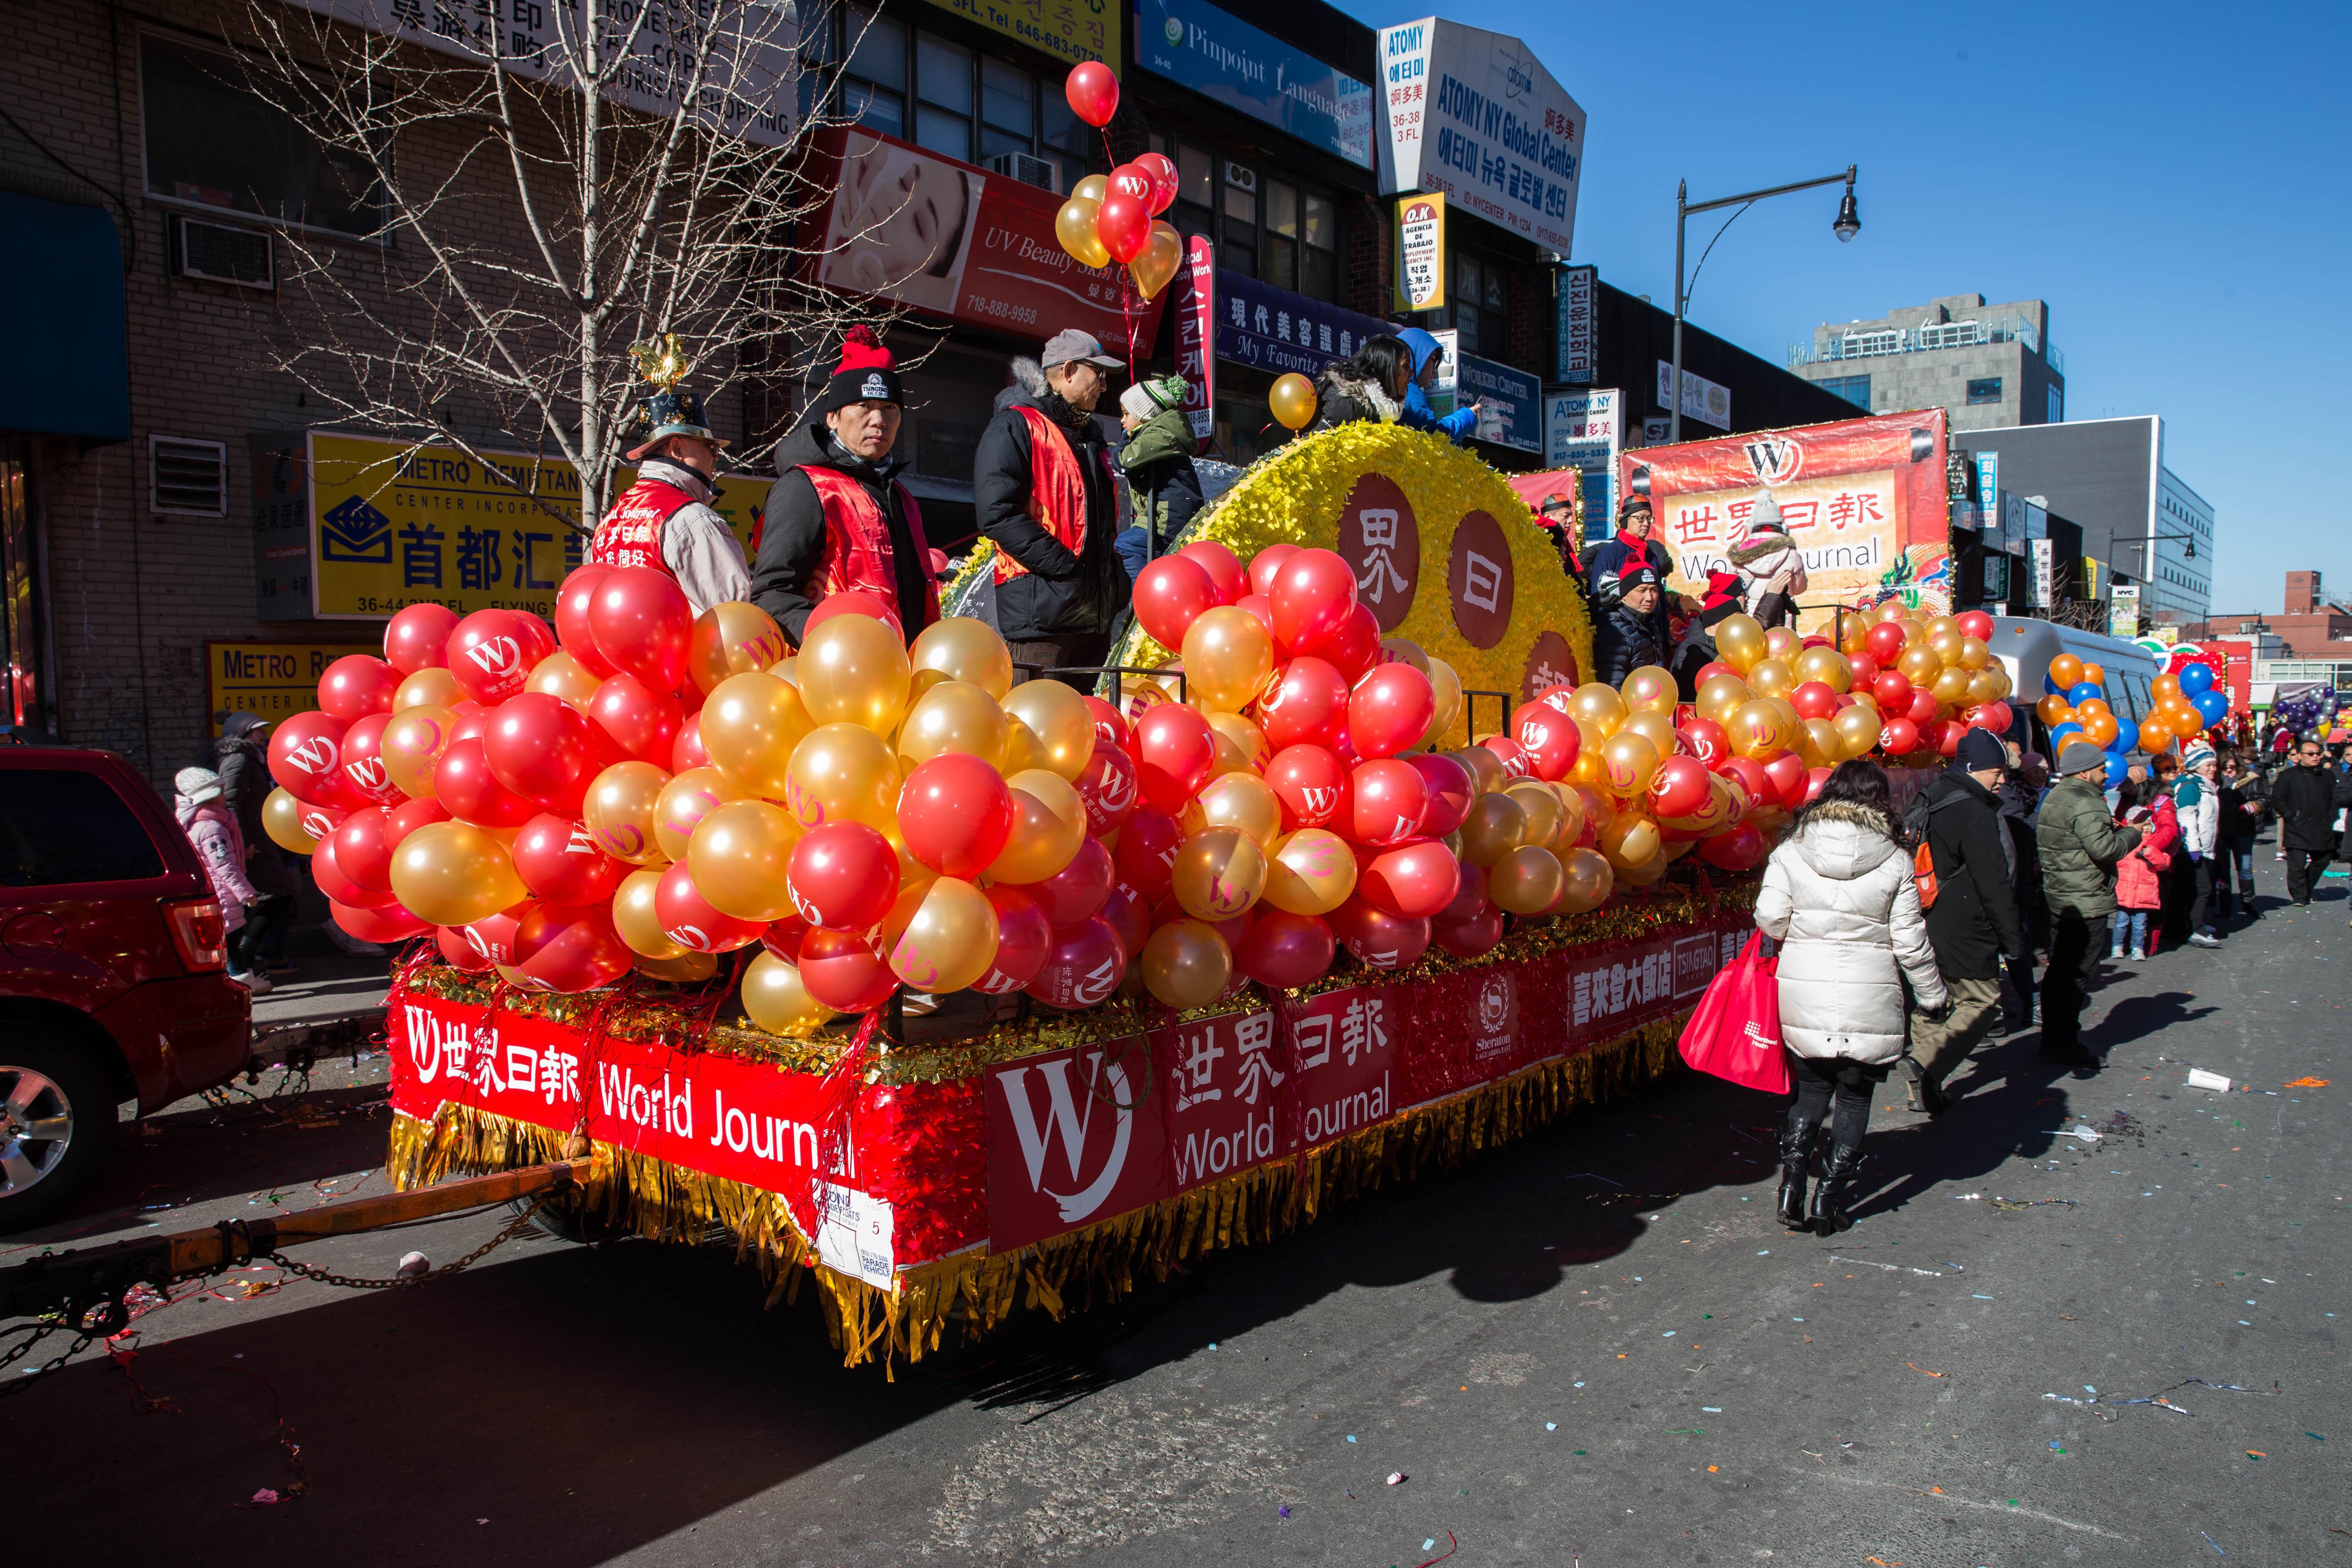 2017年法拉盛新春遊行世界日報花車